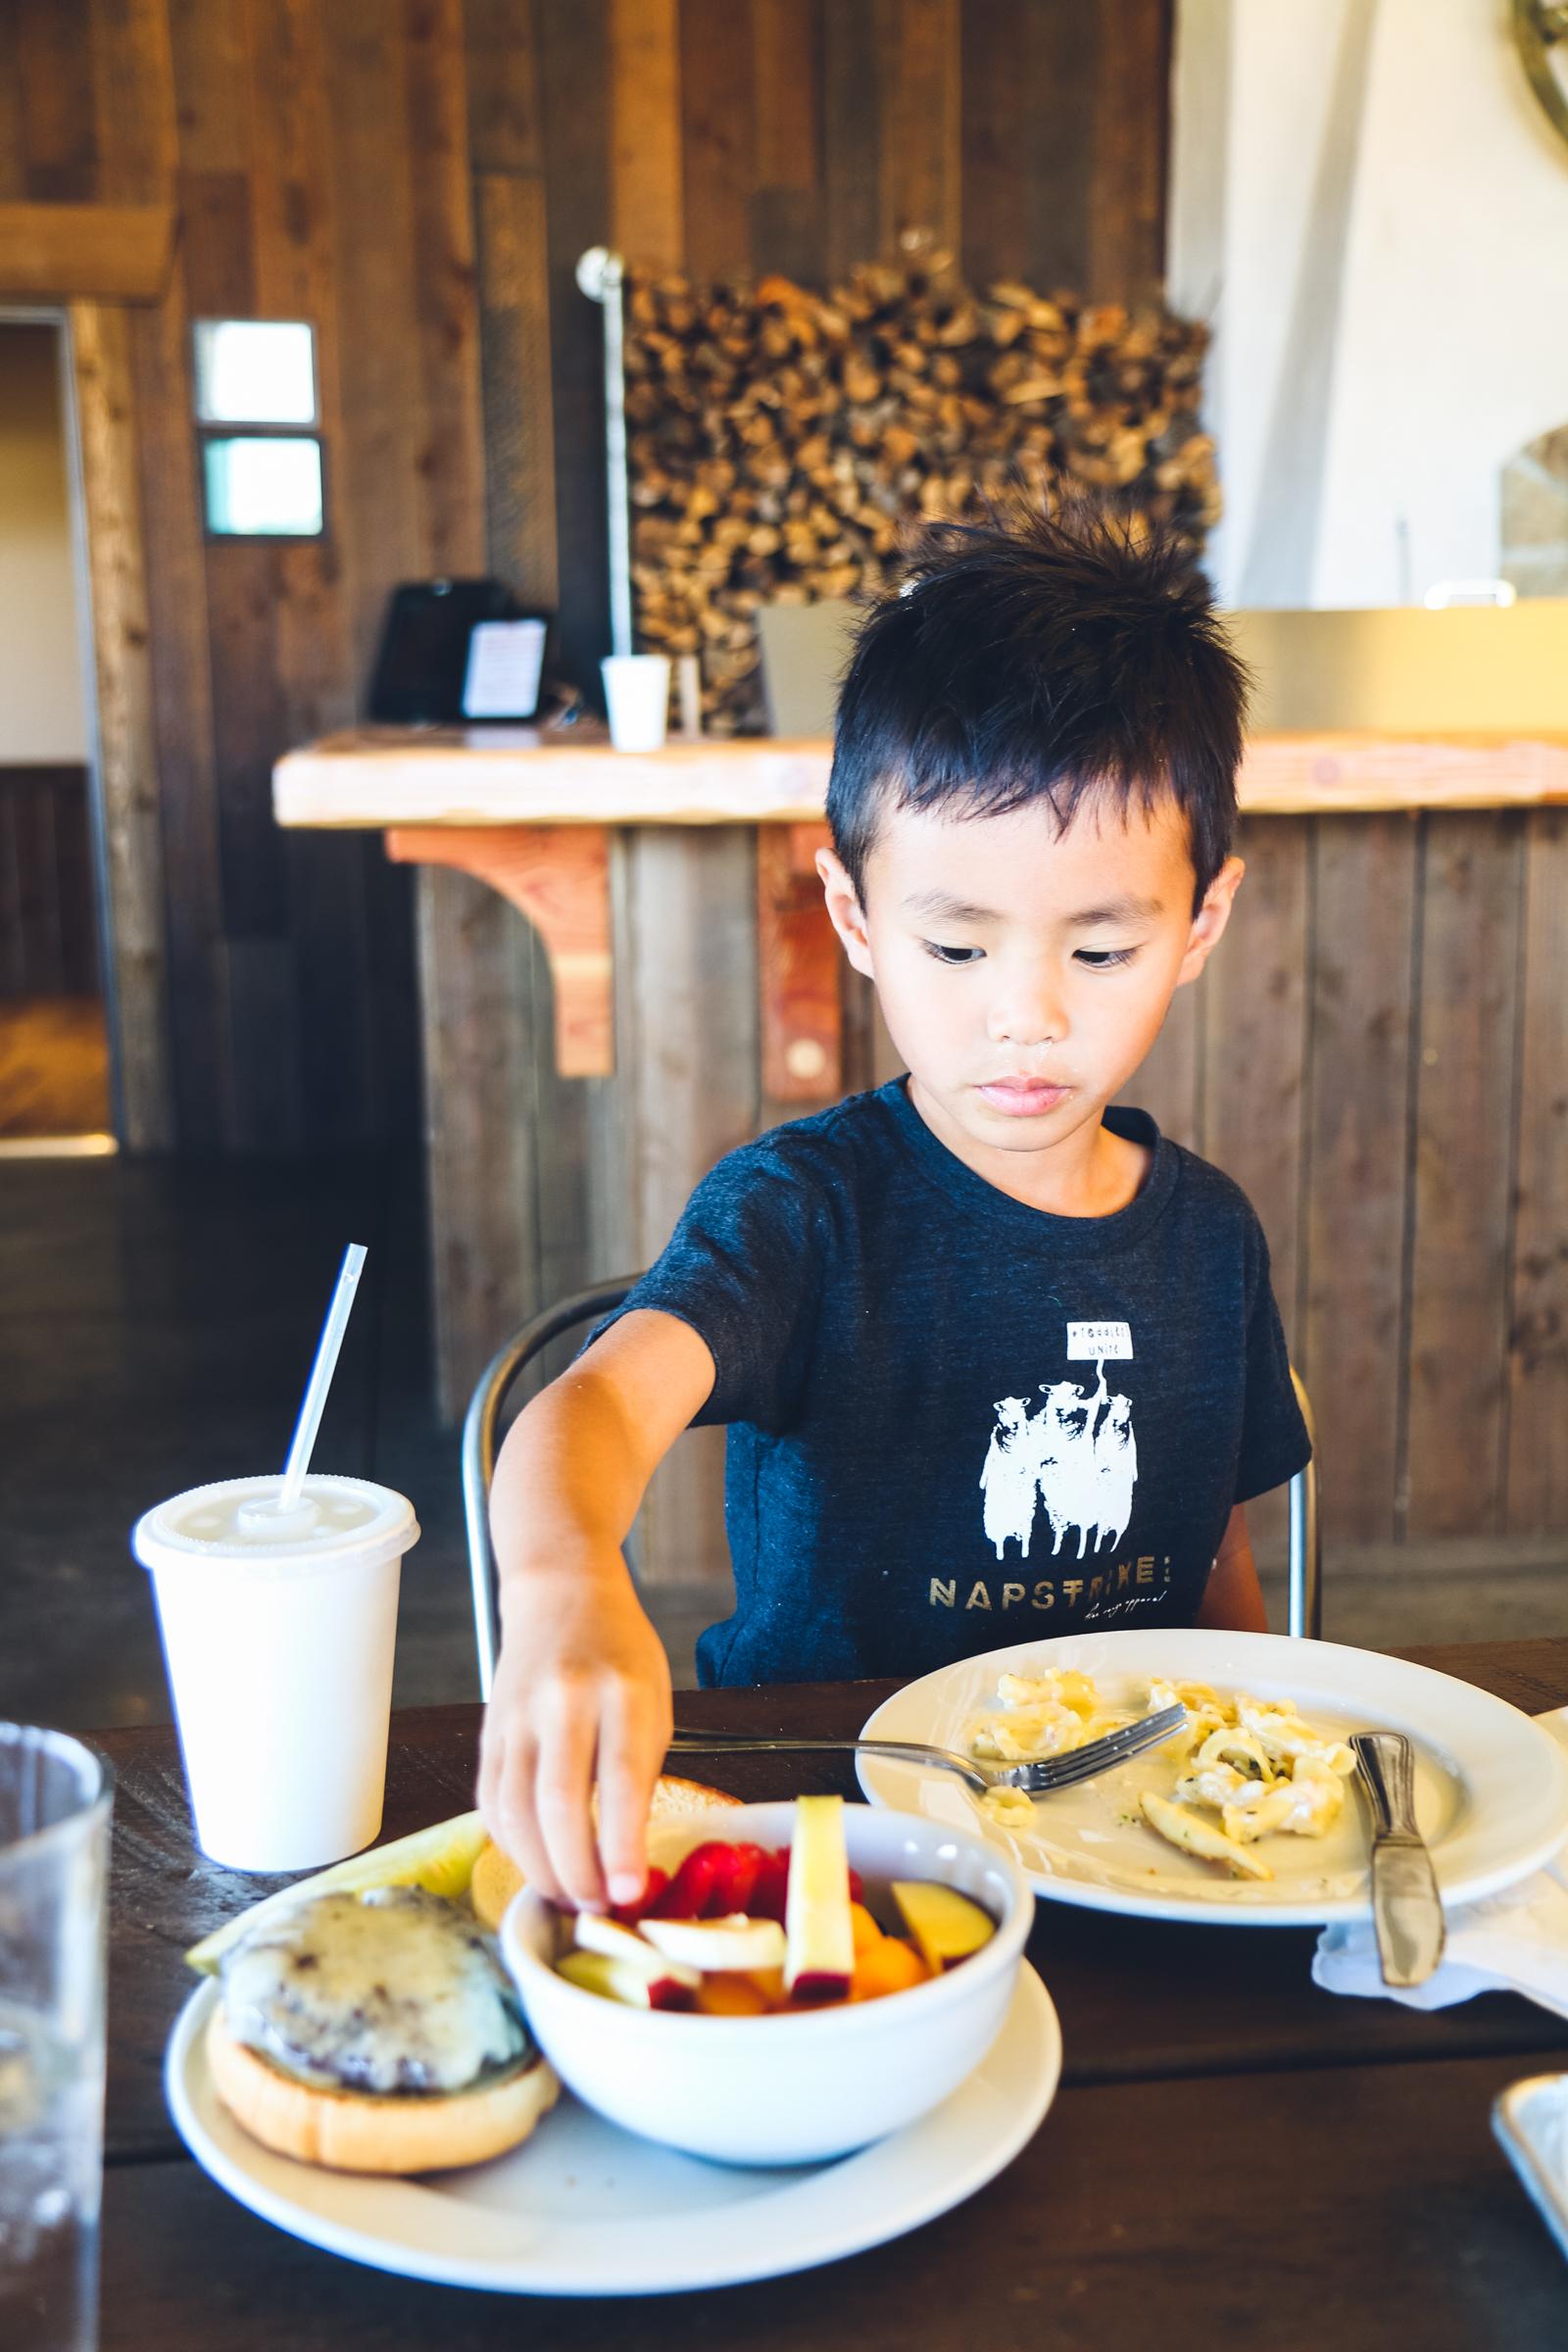 Campfire Grill Restaurant at Conestoga Ranch